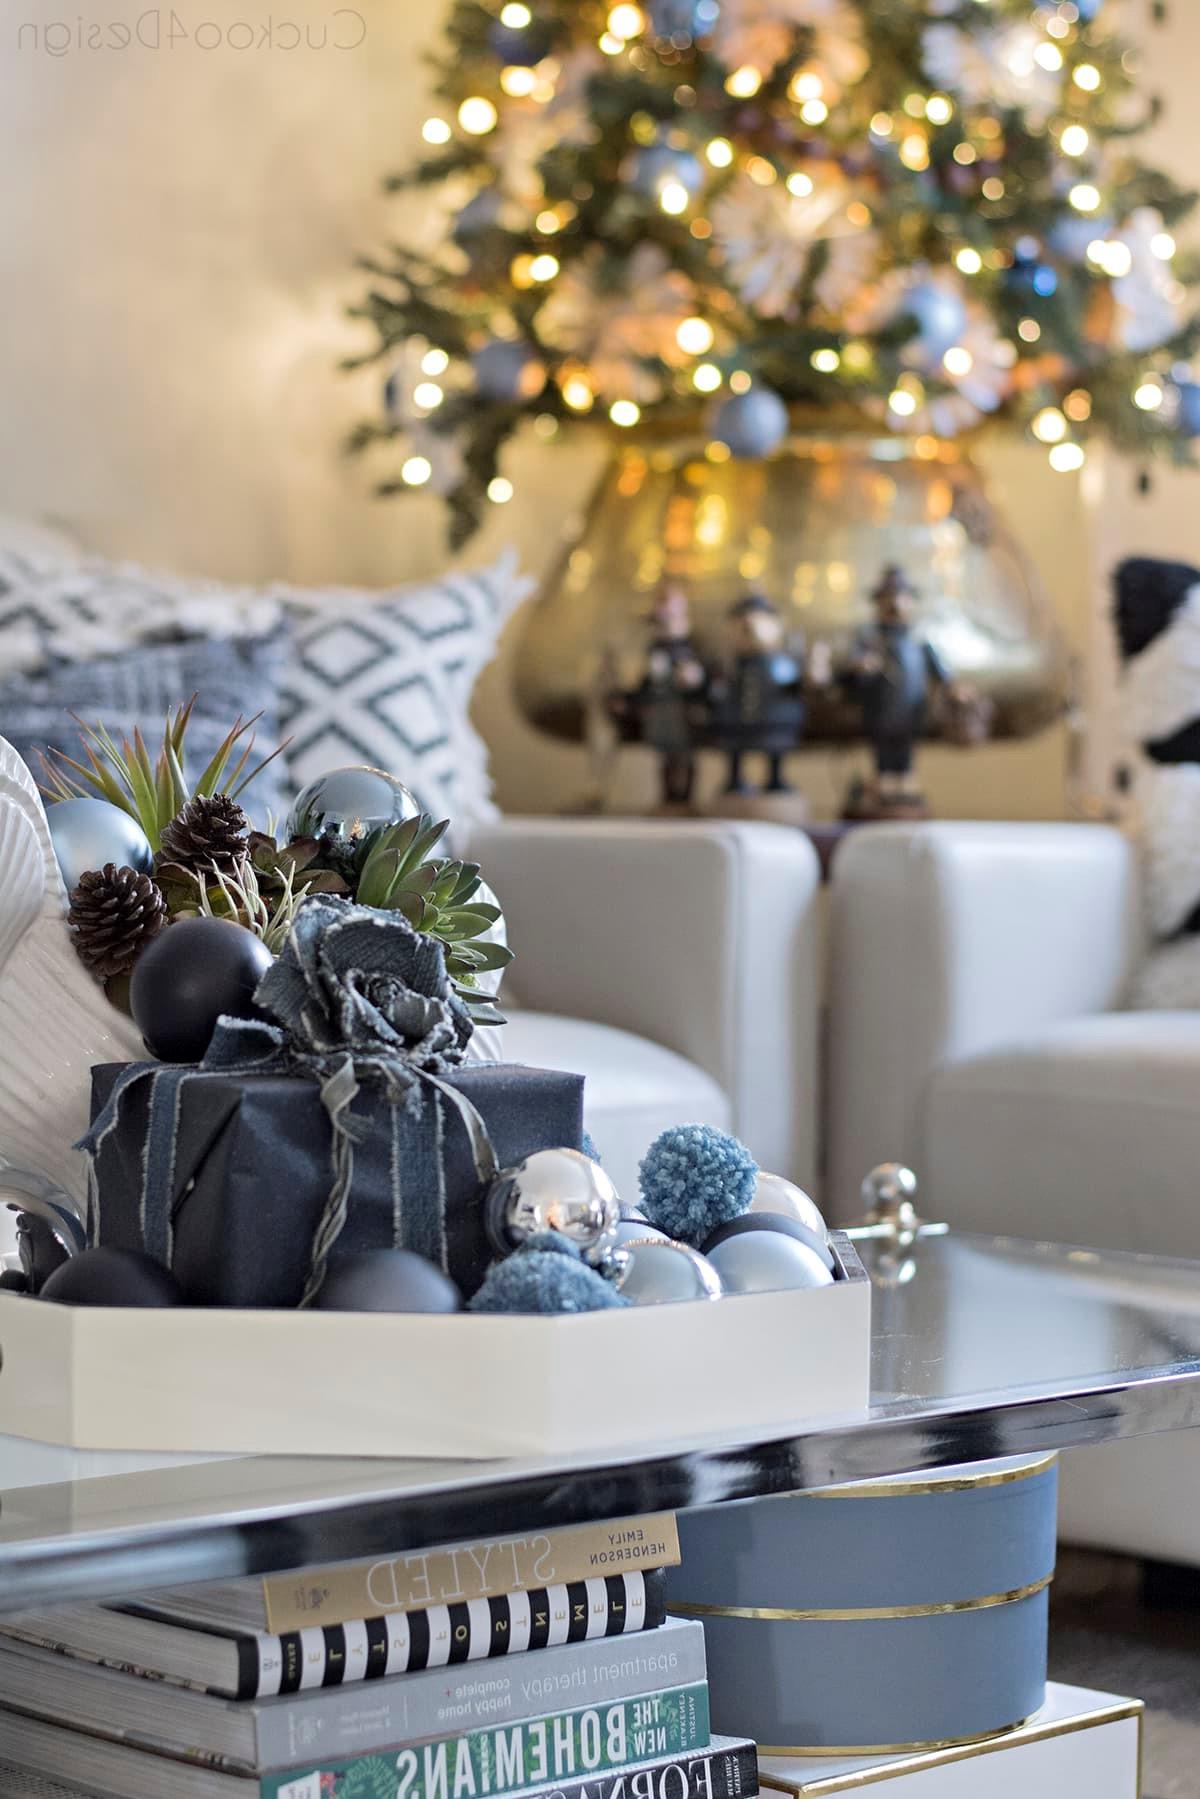 Choisissez différentes nuances de bleu pour votre sapin de Noël.